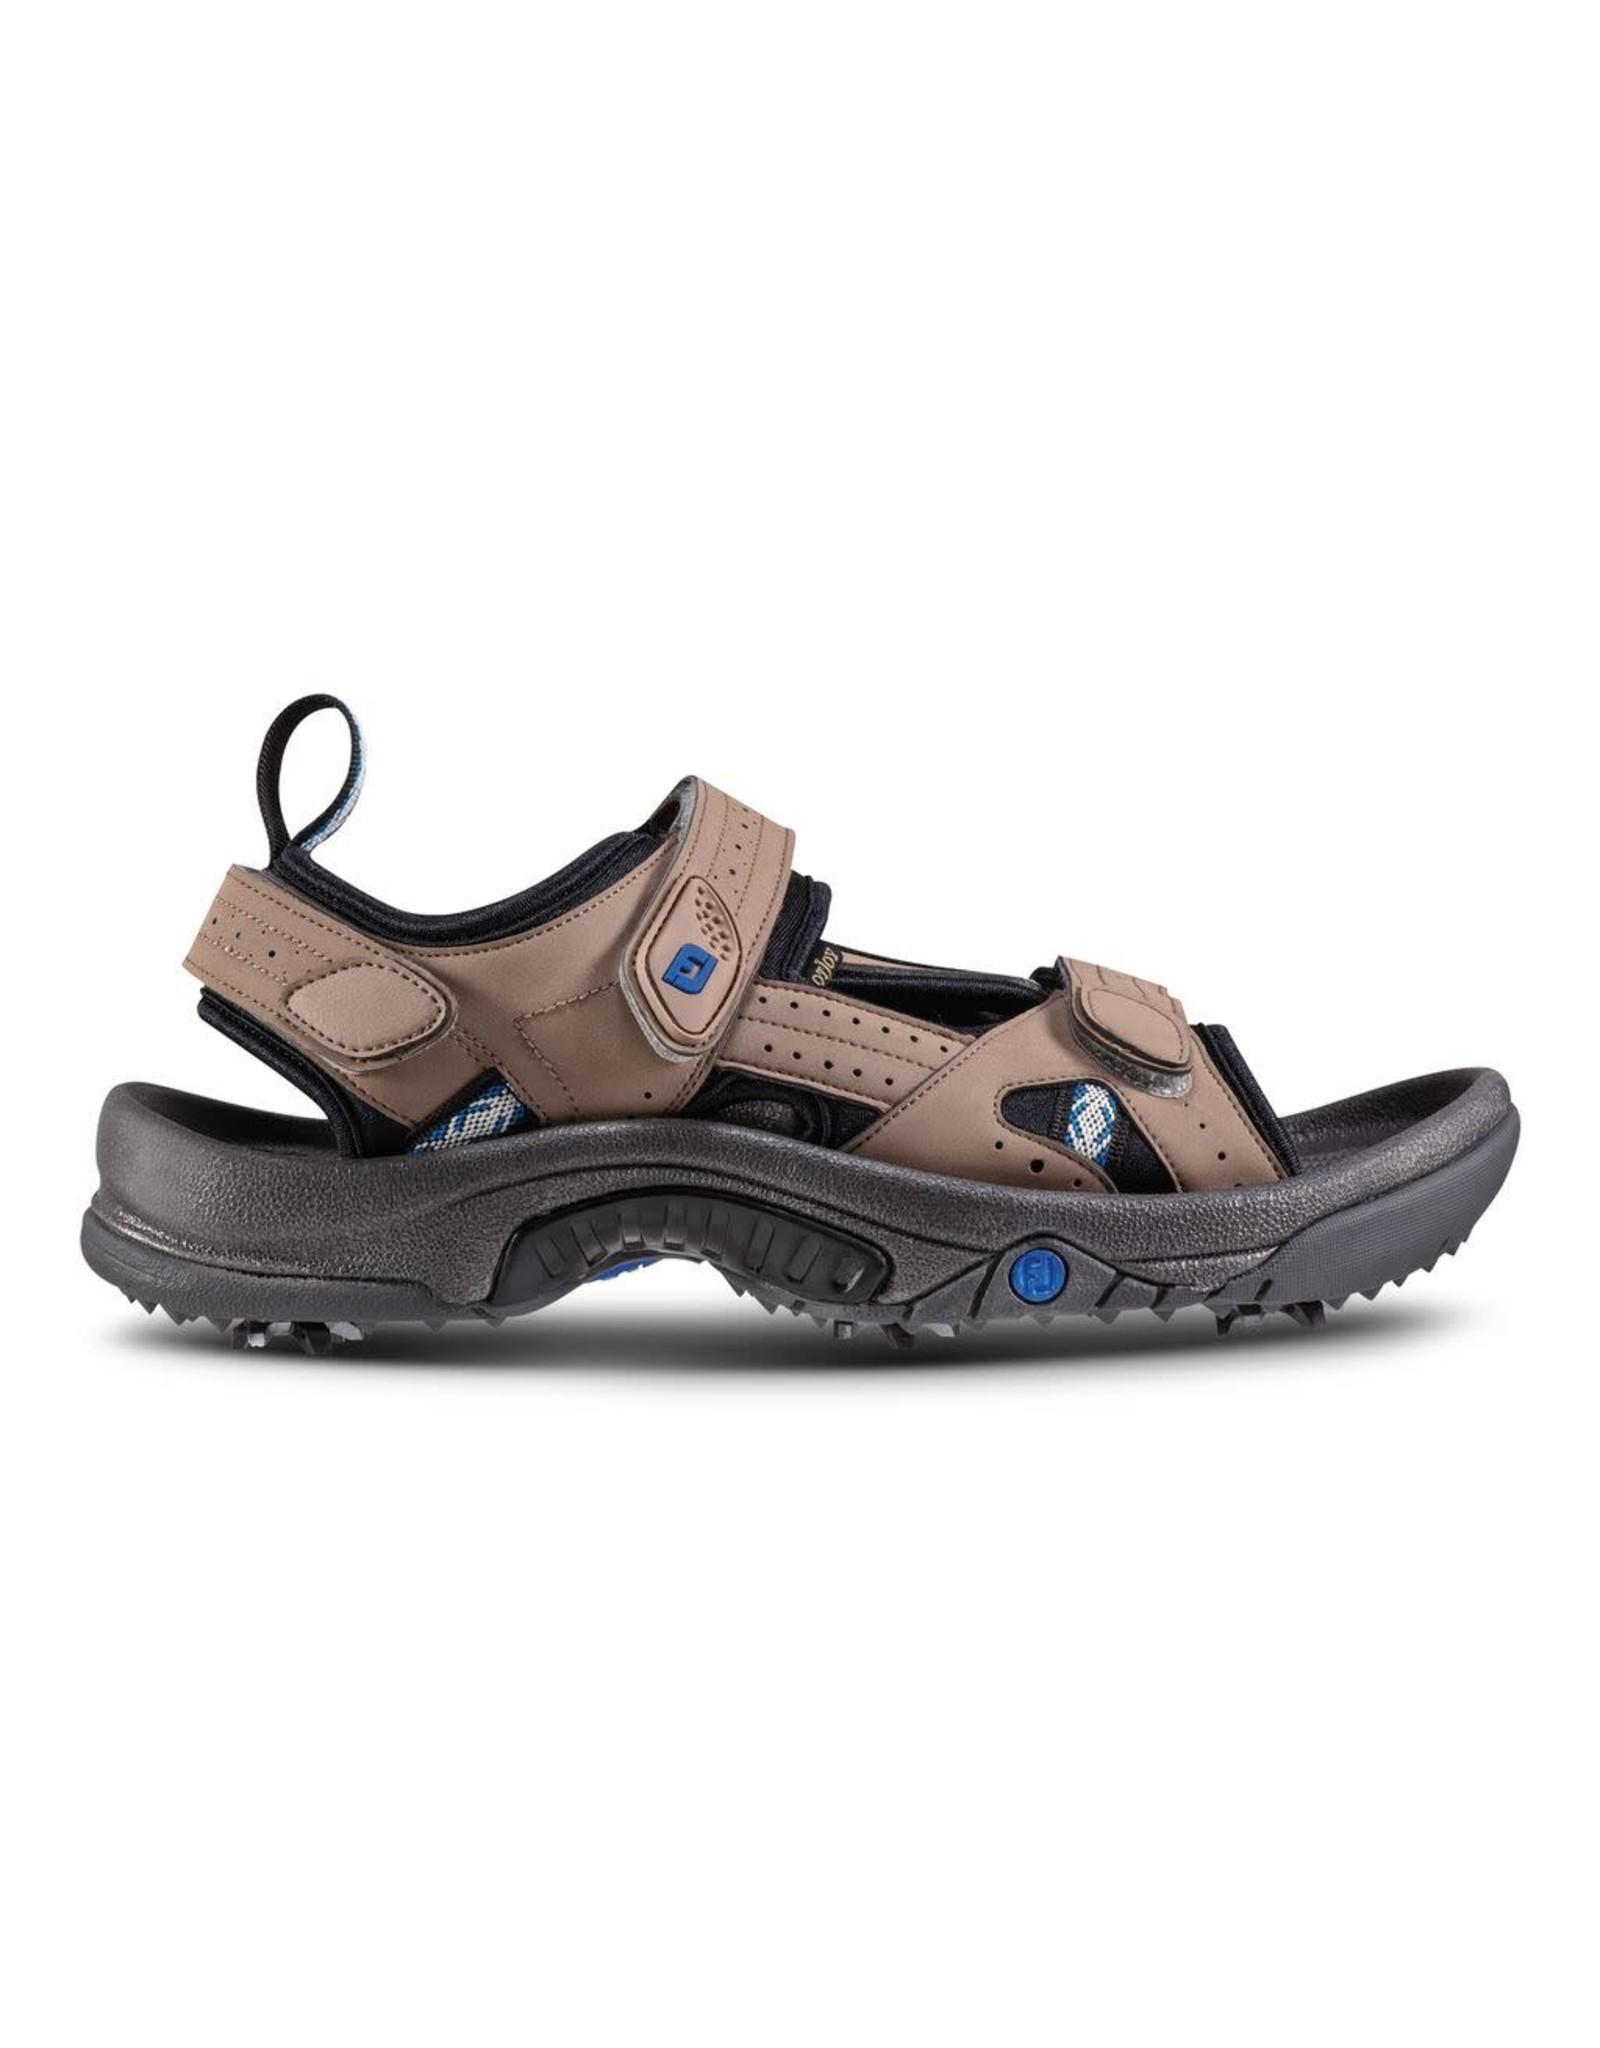 FJ FJ Golf Sandals (MEN)